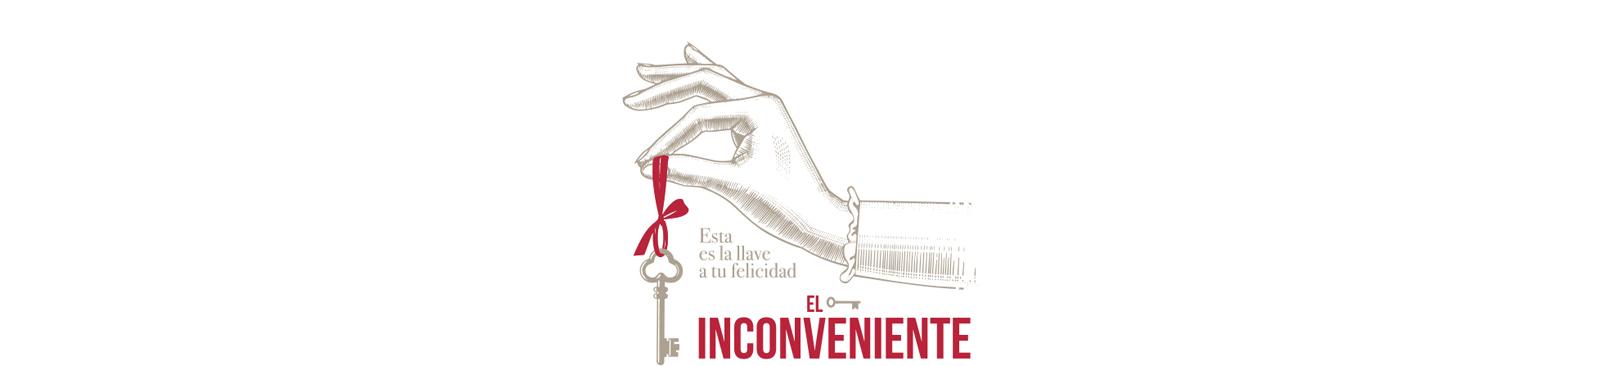 Pedro Cabañas - Design - EL INCONVENIENTE